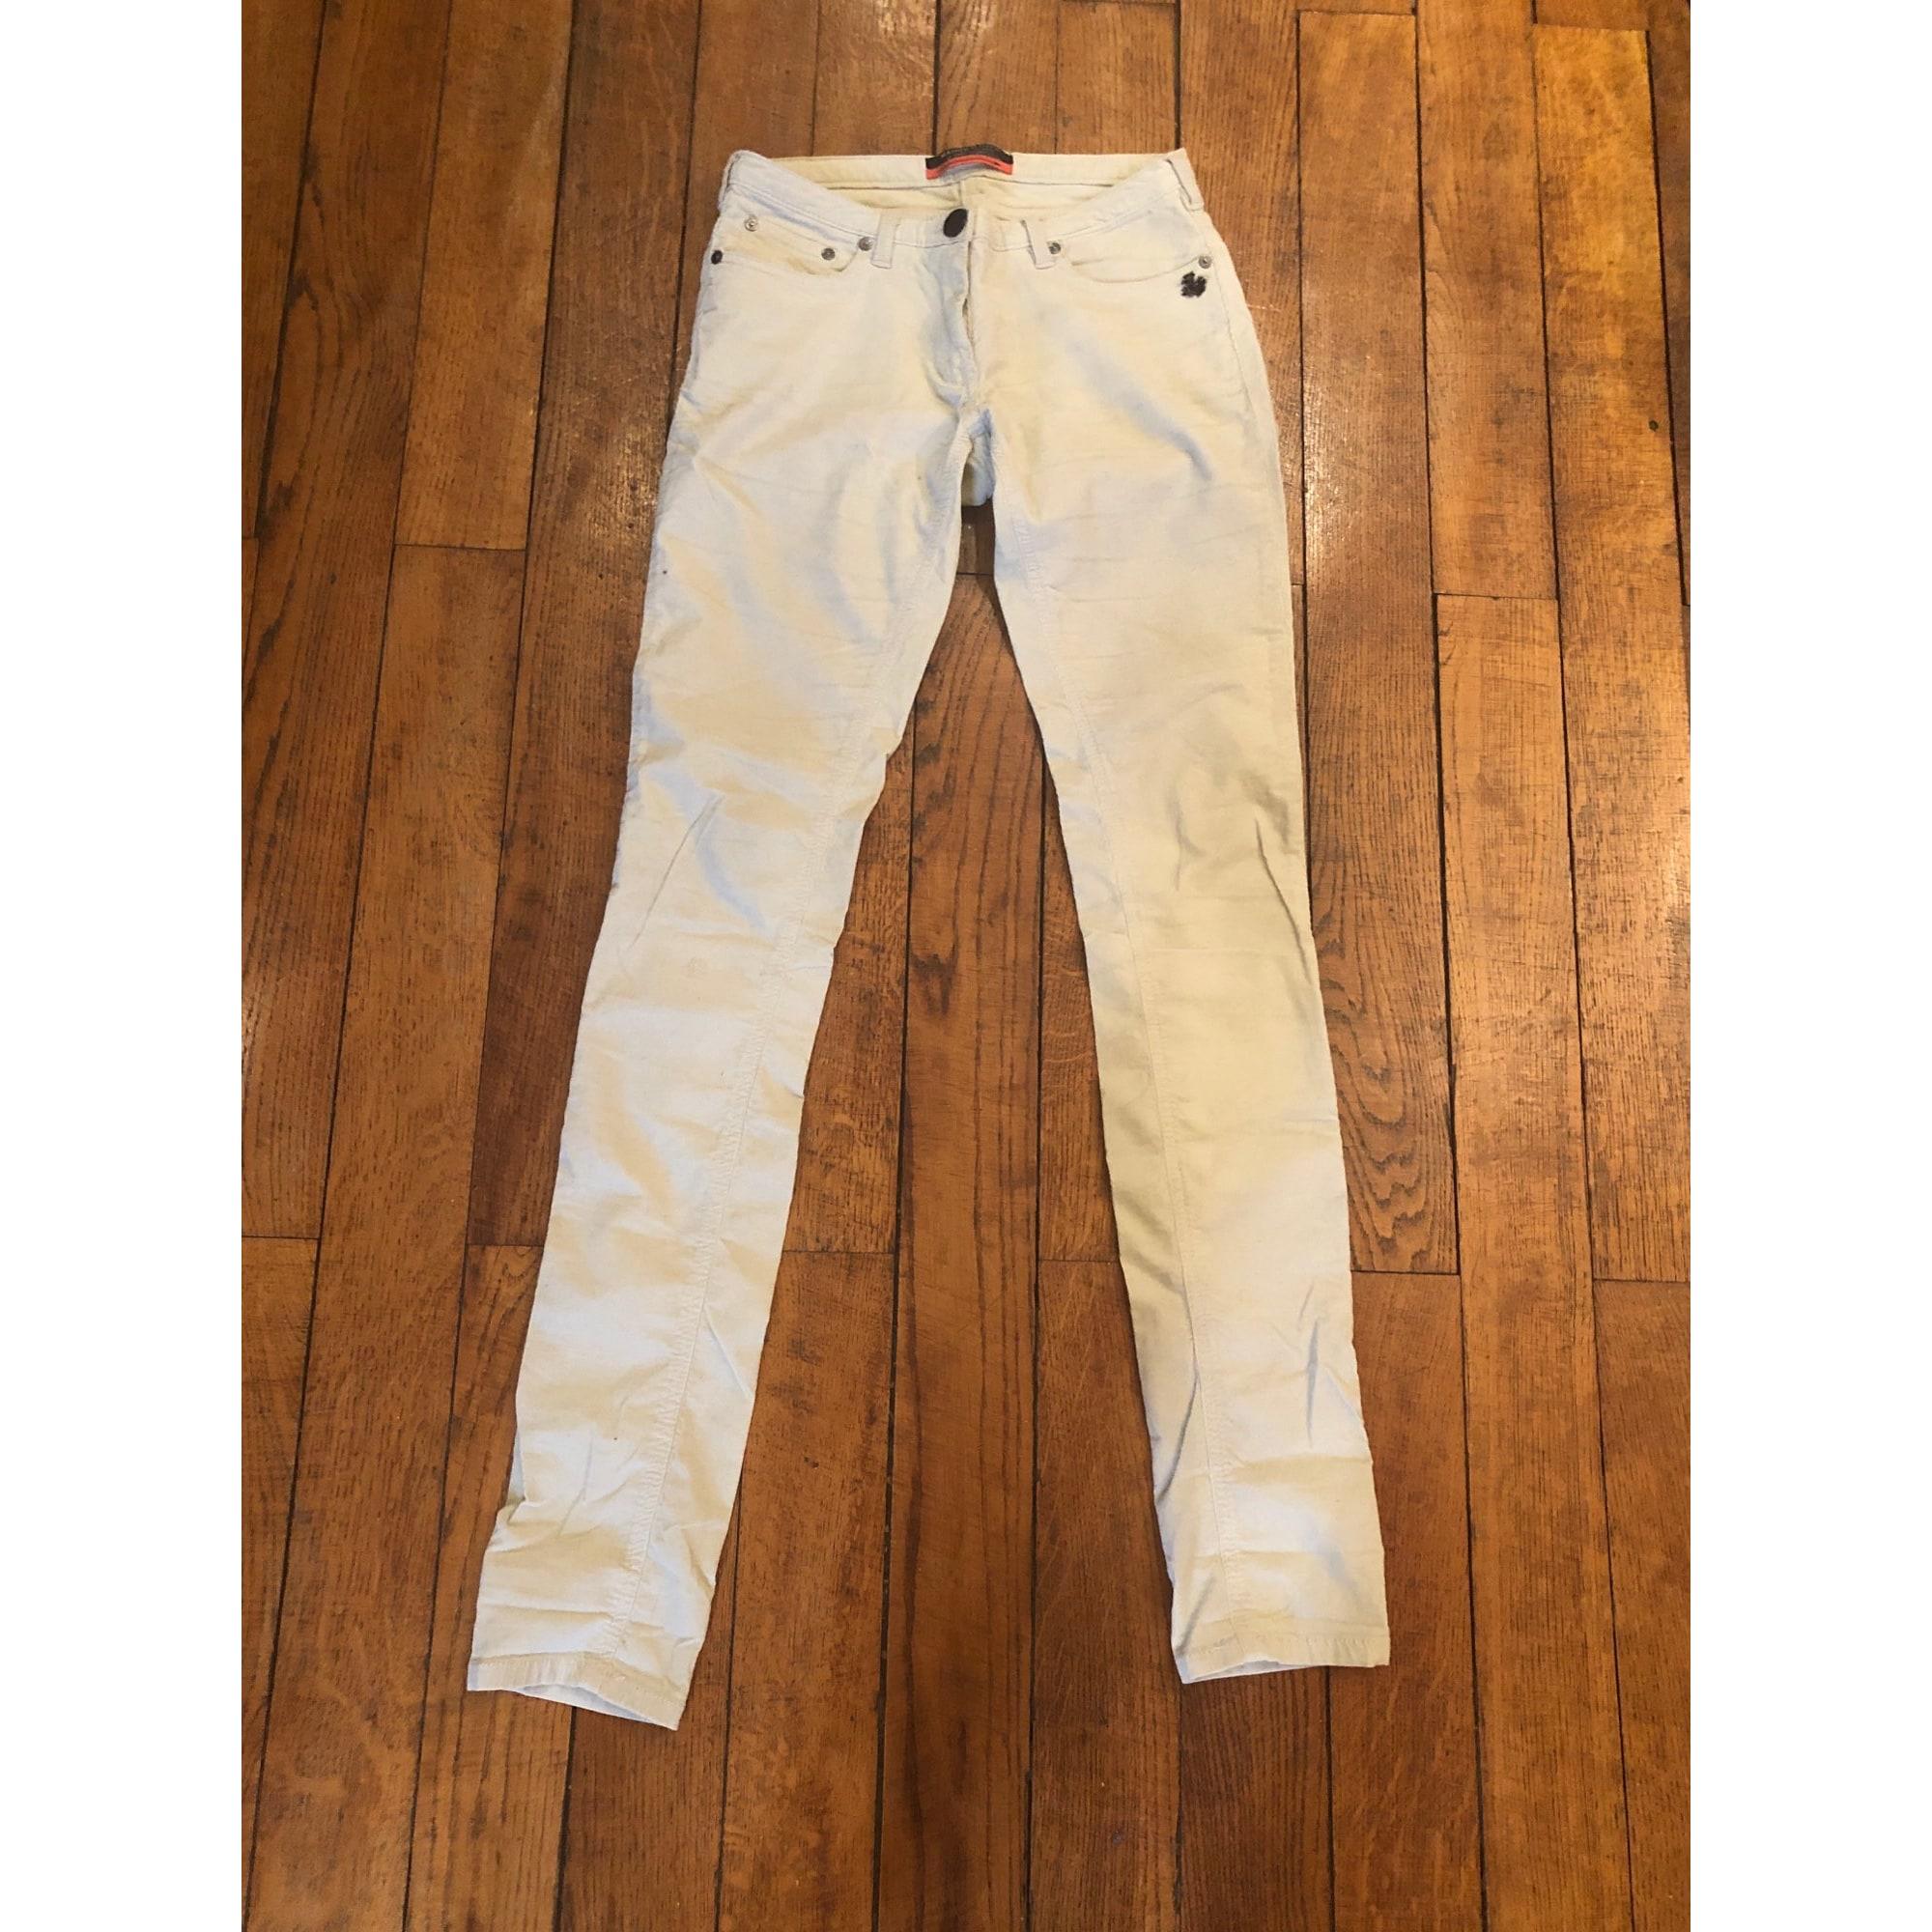 Pantalon slim, cigarette MAISON SCOTCH Blanc, blanc cassé, écru